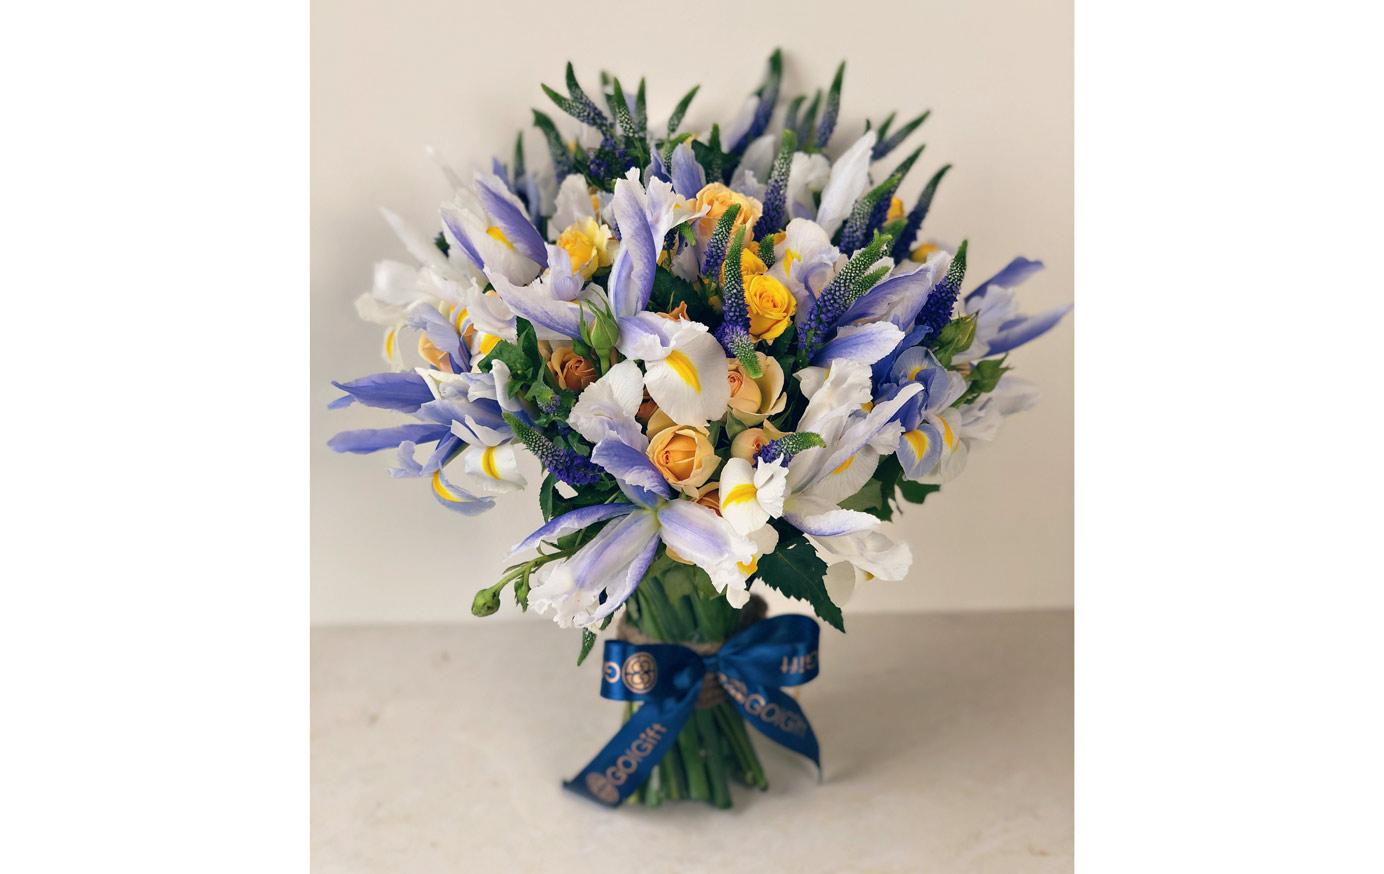 دسته گل زنبق و رز مینیاتوری